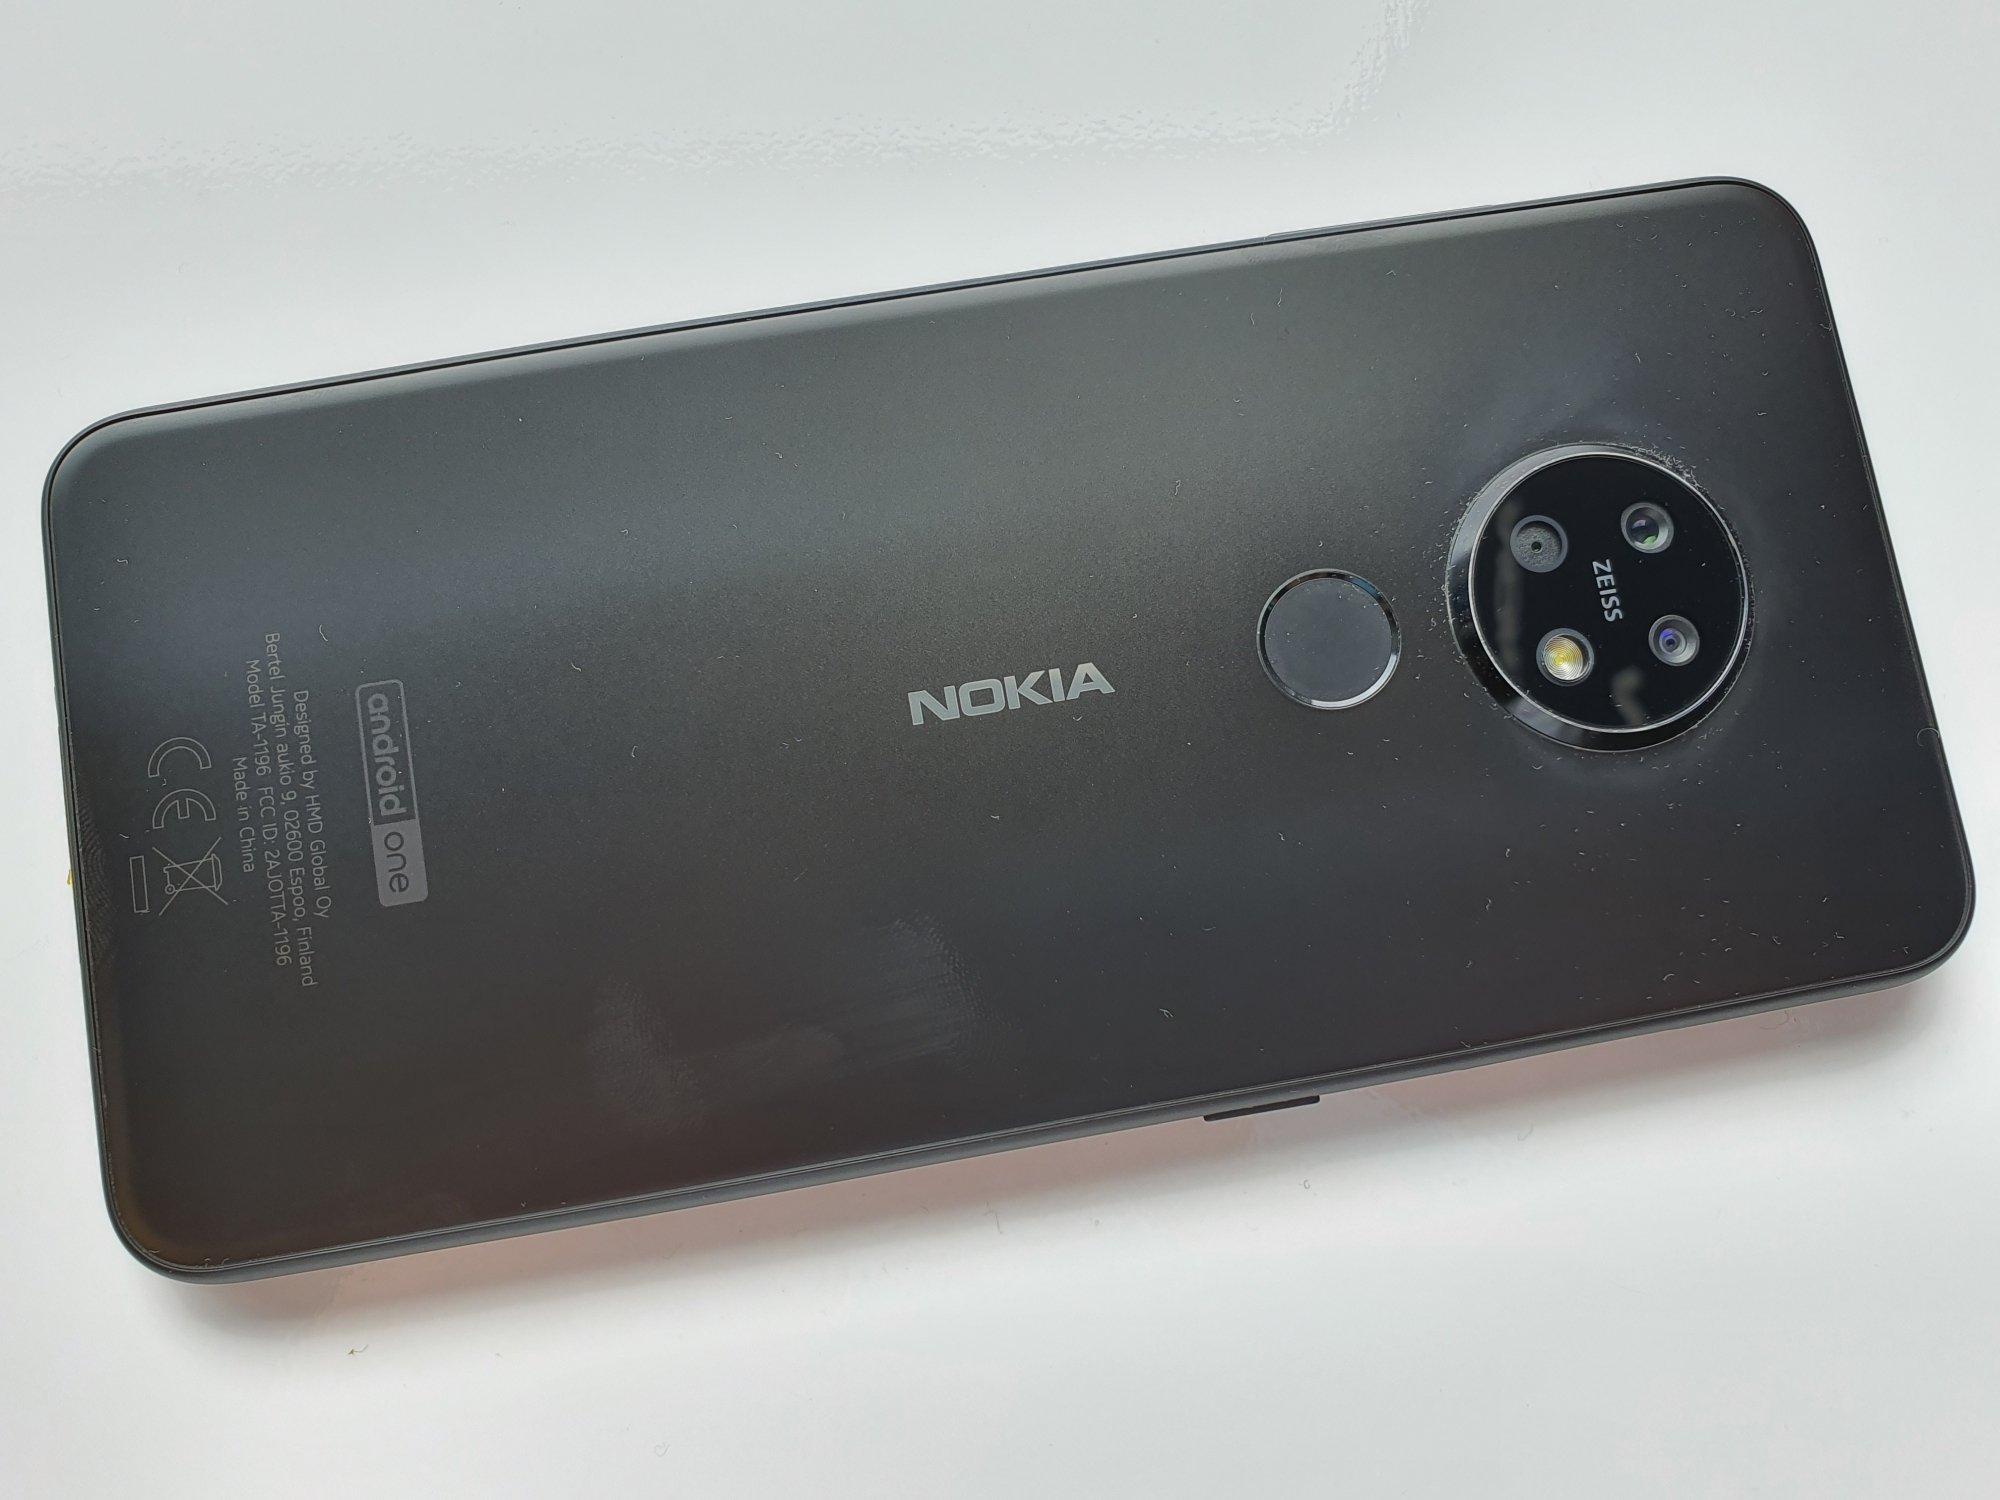 Jaki smartfon do 1300 złotych warto kupić? Tegoroczne modele przodują 27